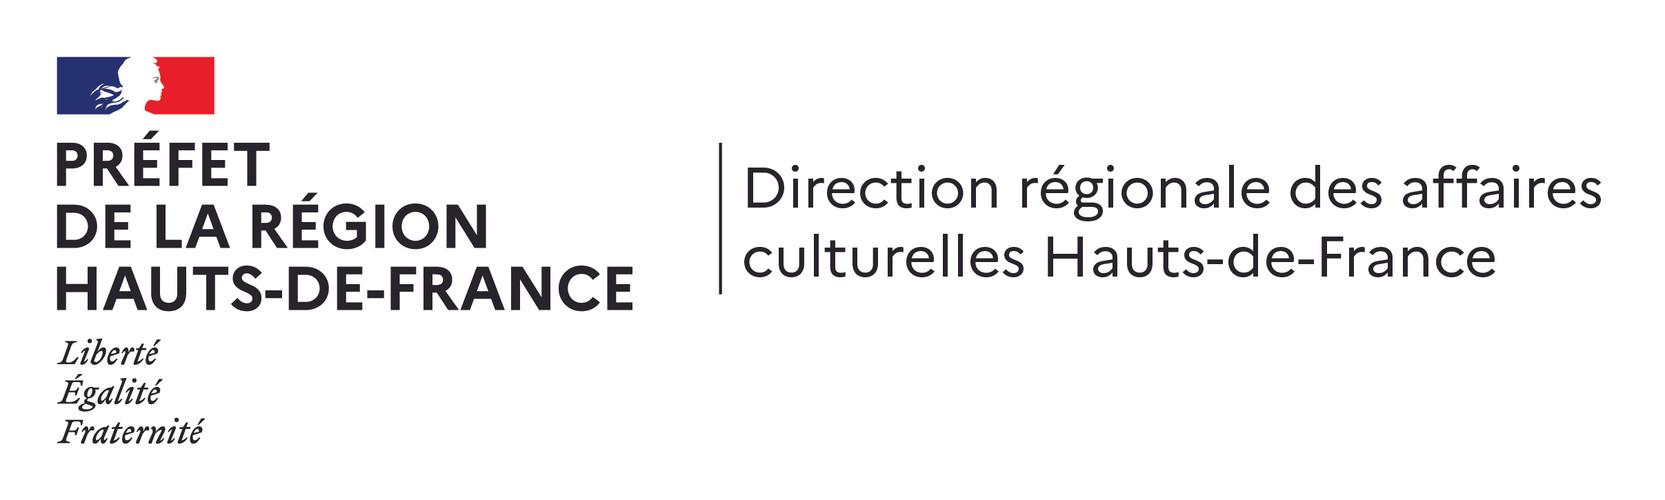 DRAC des Hauts-de-France